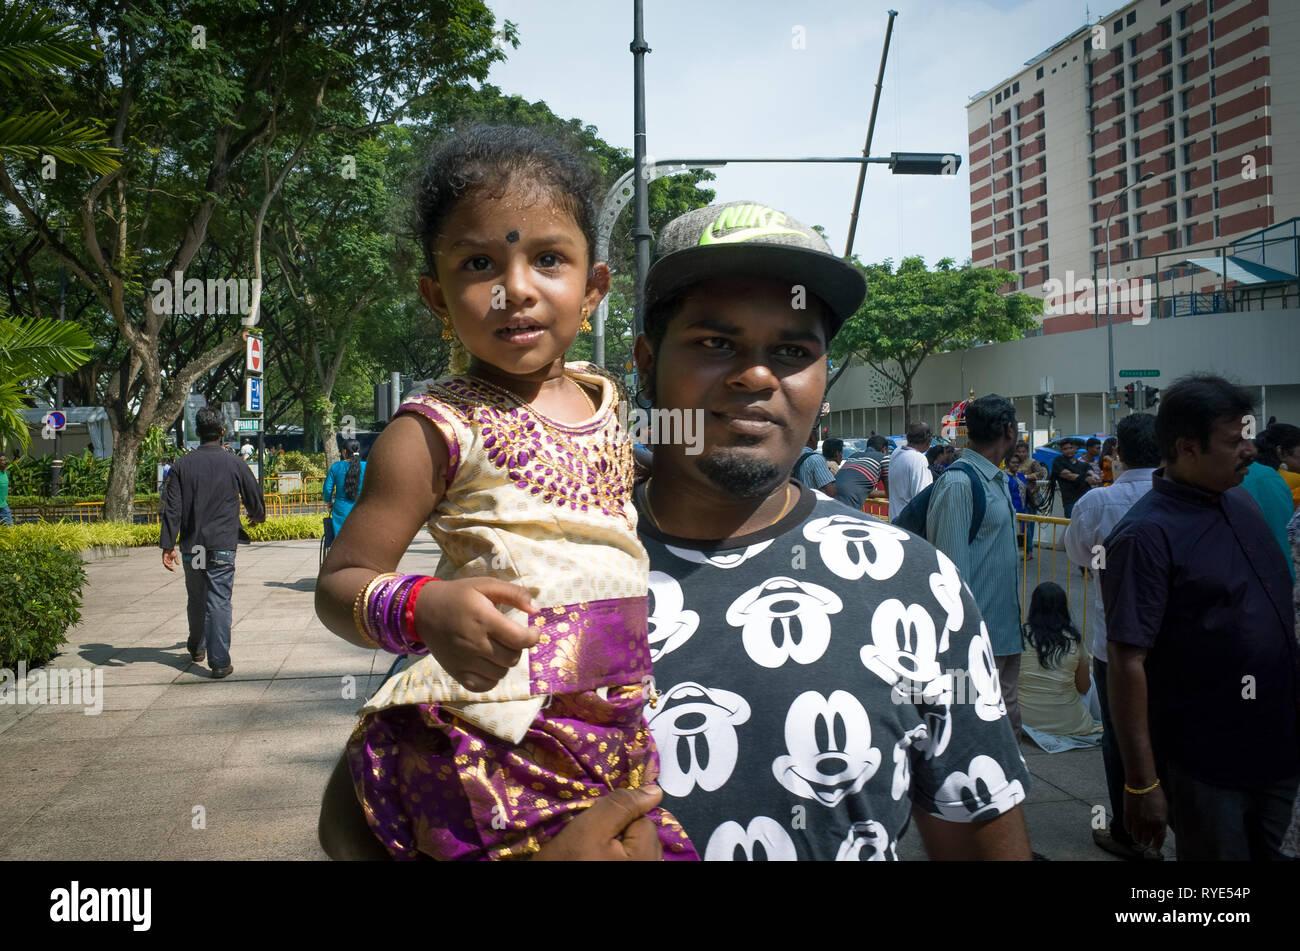 Indiano padre azienda giovane figlia sorridente al festival di Thaipusam - Singapore Immagini Stock